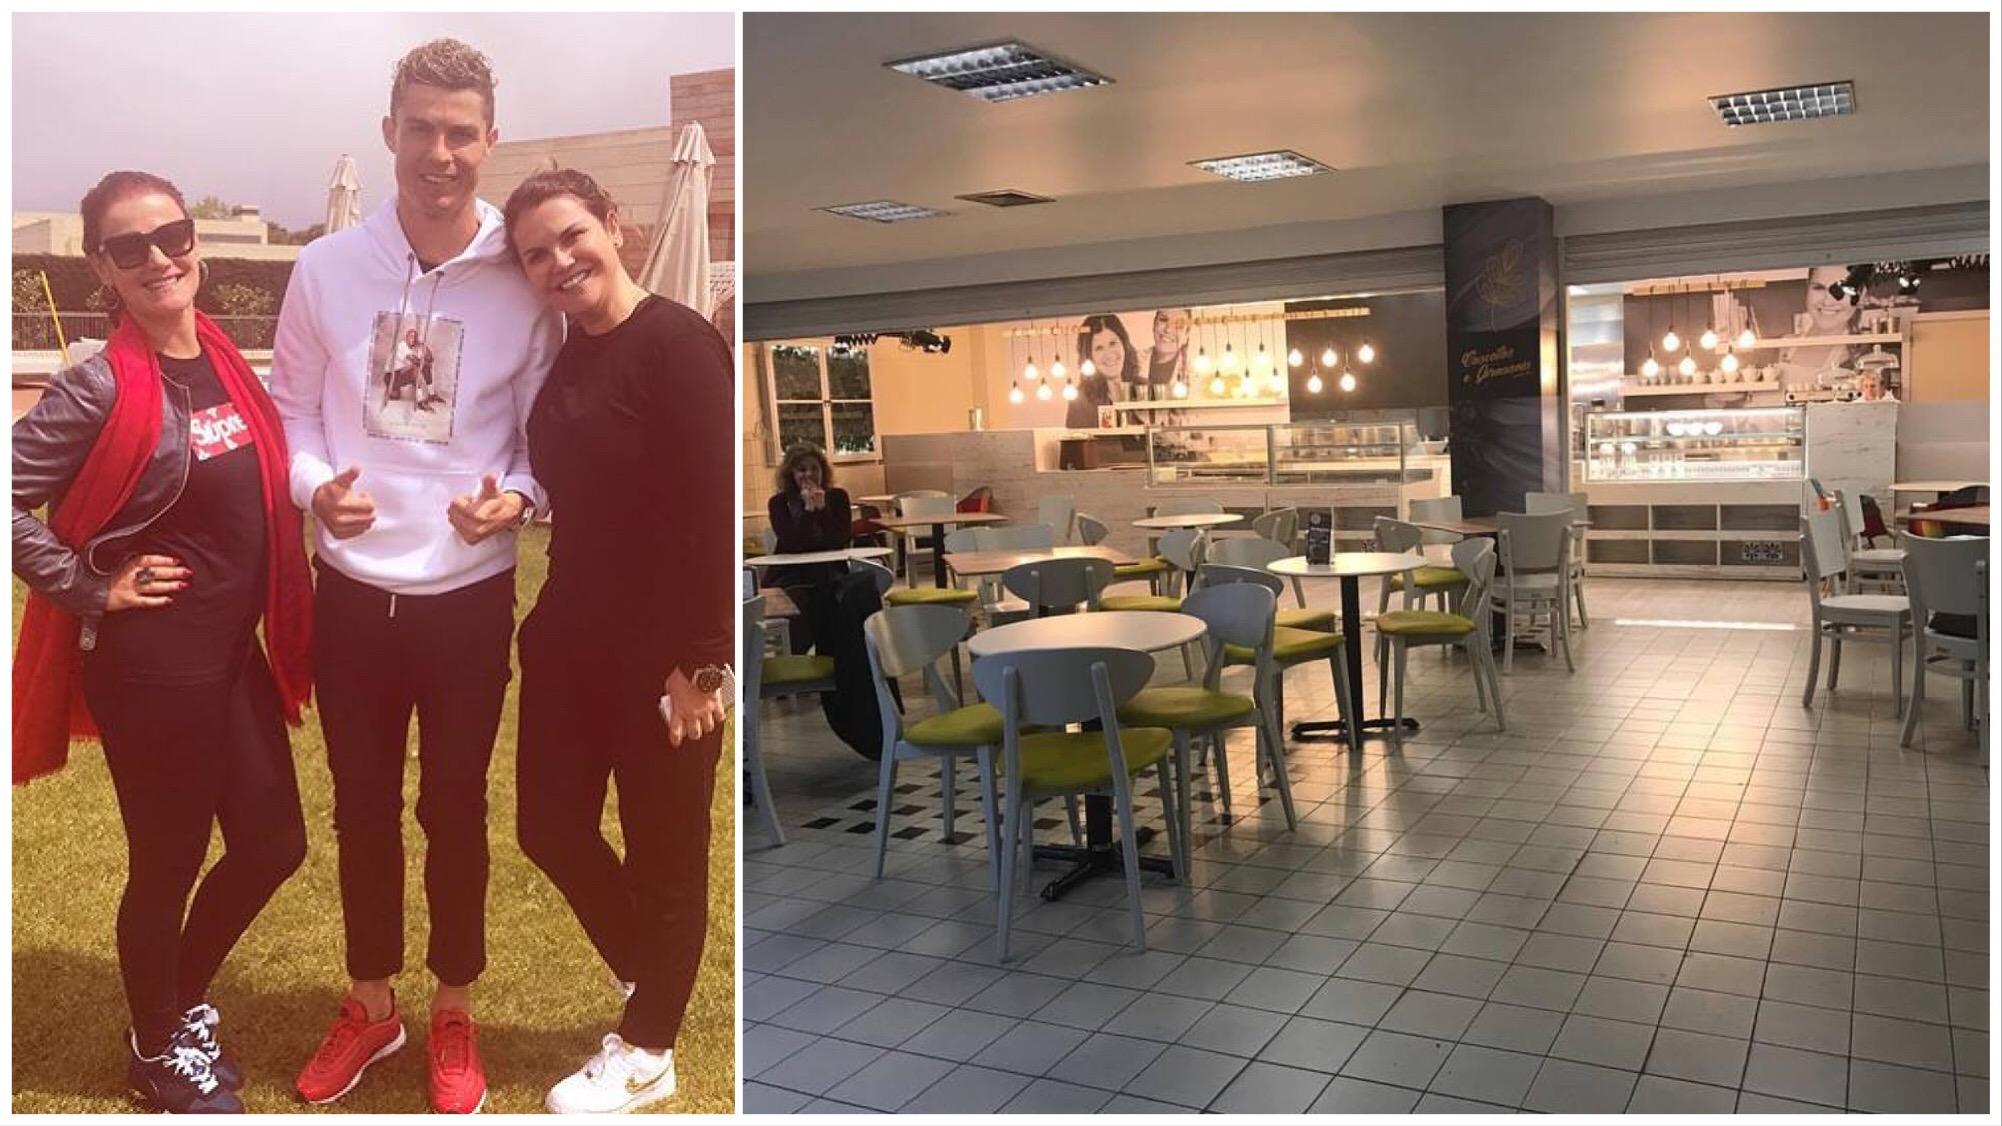 Cristiano Ronaldo pode vir a abrir um restaurante no Brasil